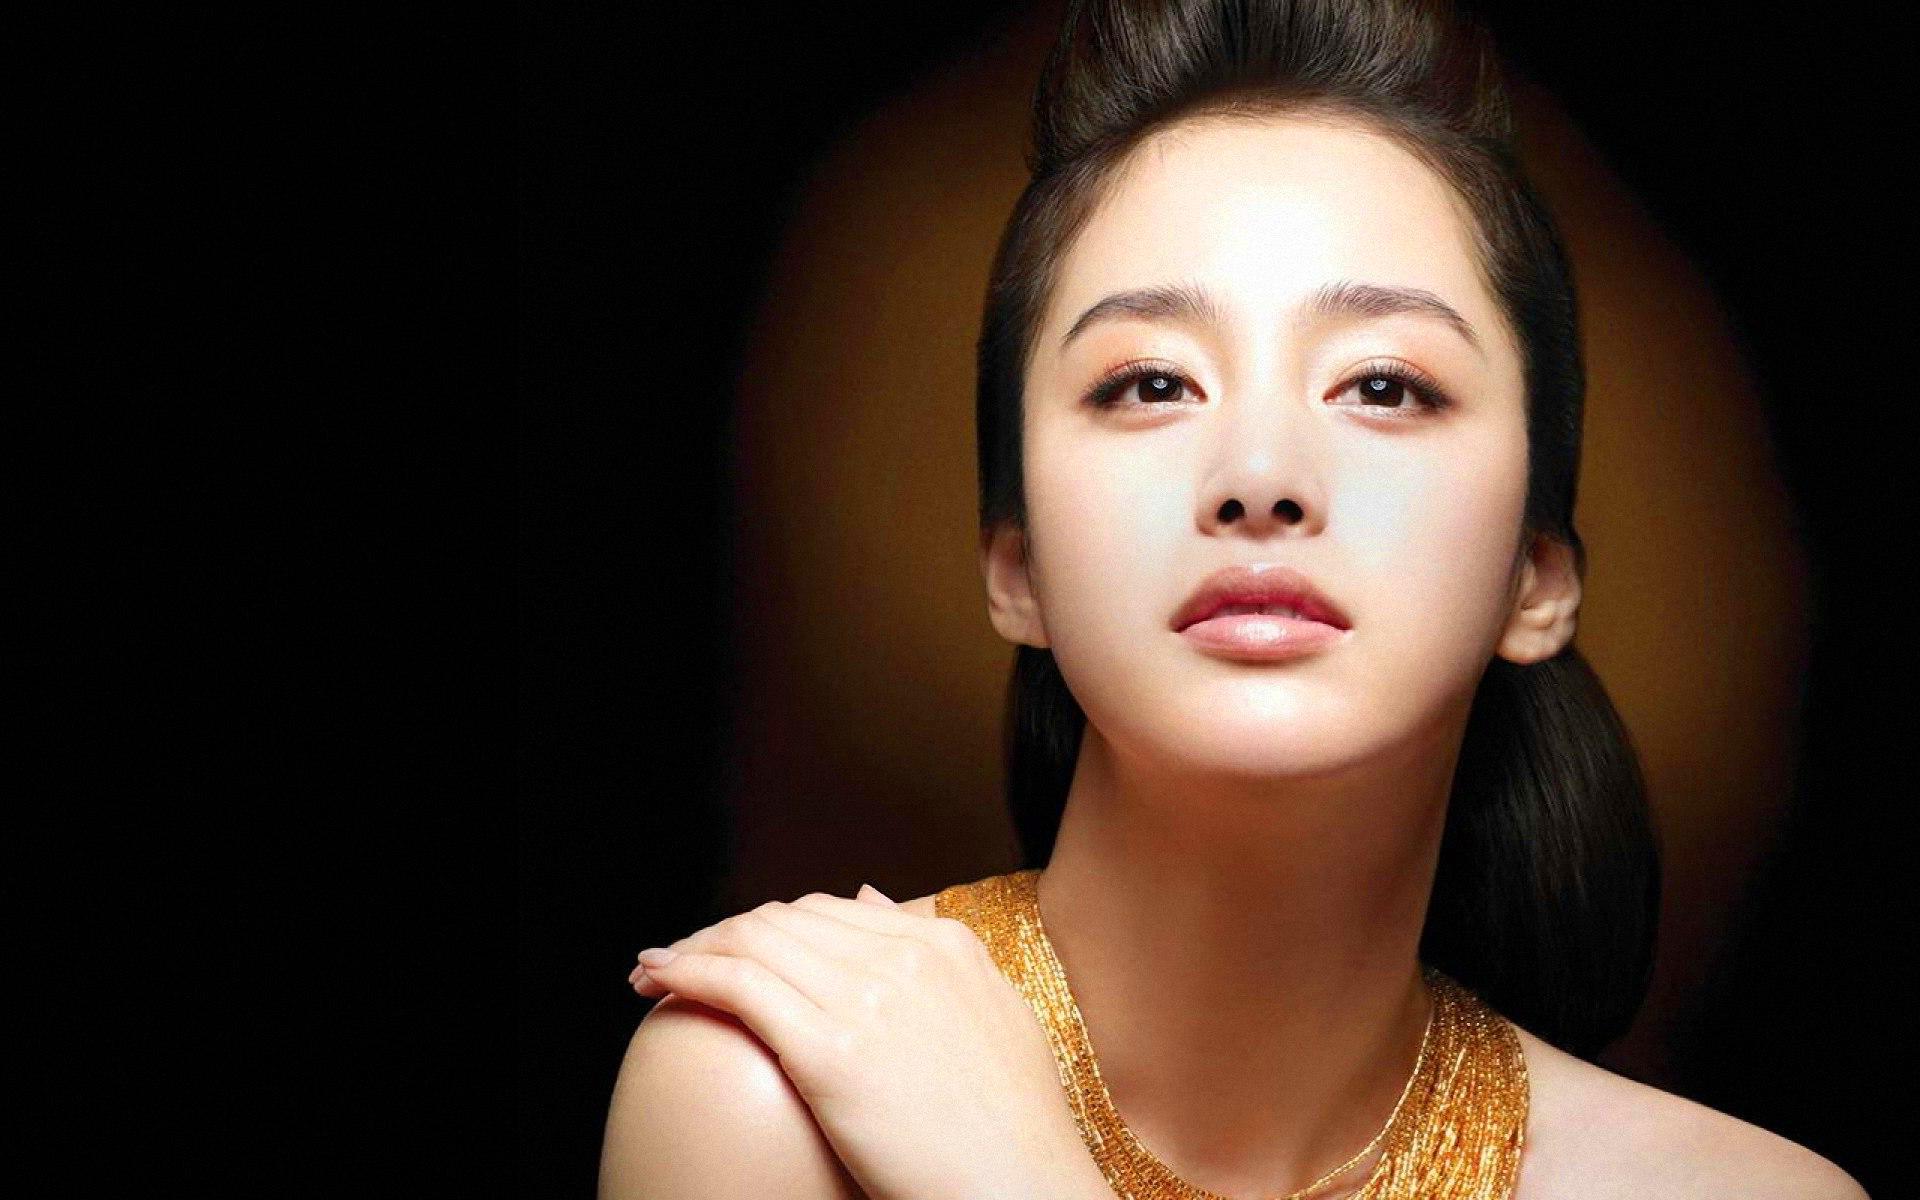 Son Ye Jin Korean Actress Wallpaper HD Downlaod esktop 1280×800 Korean Celebrities  Wallpapers (